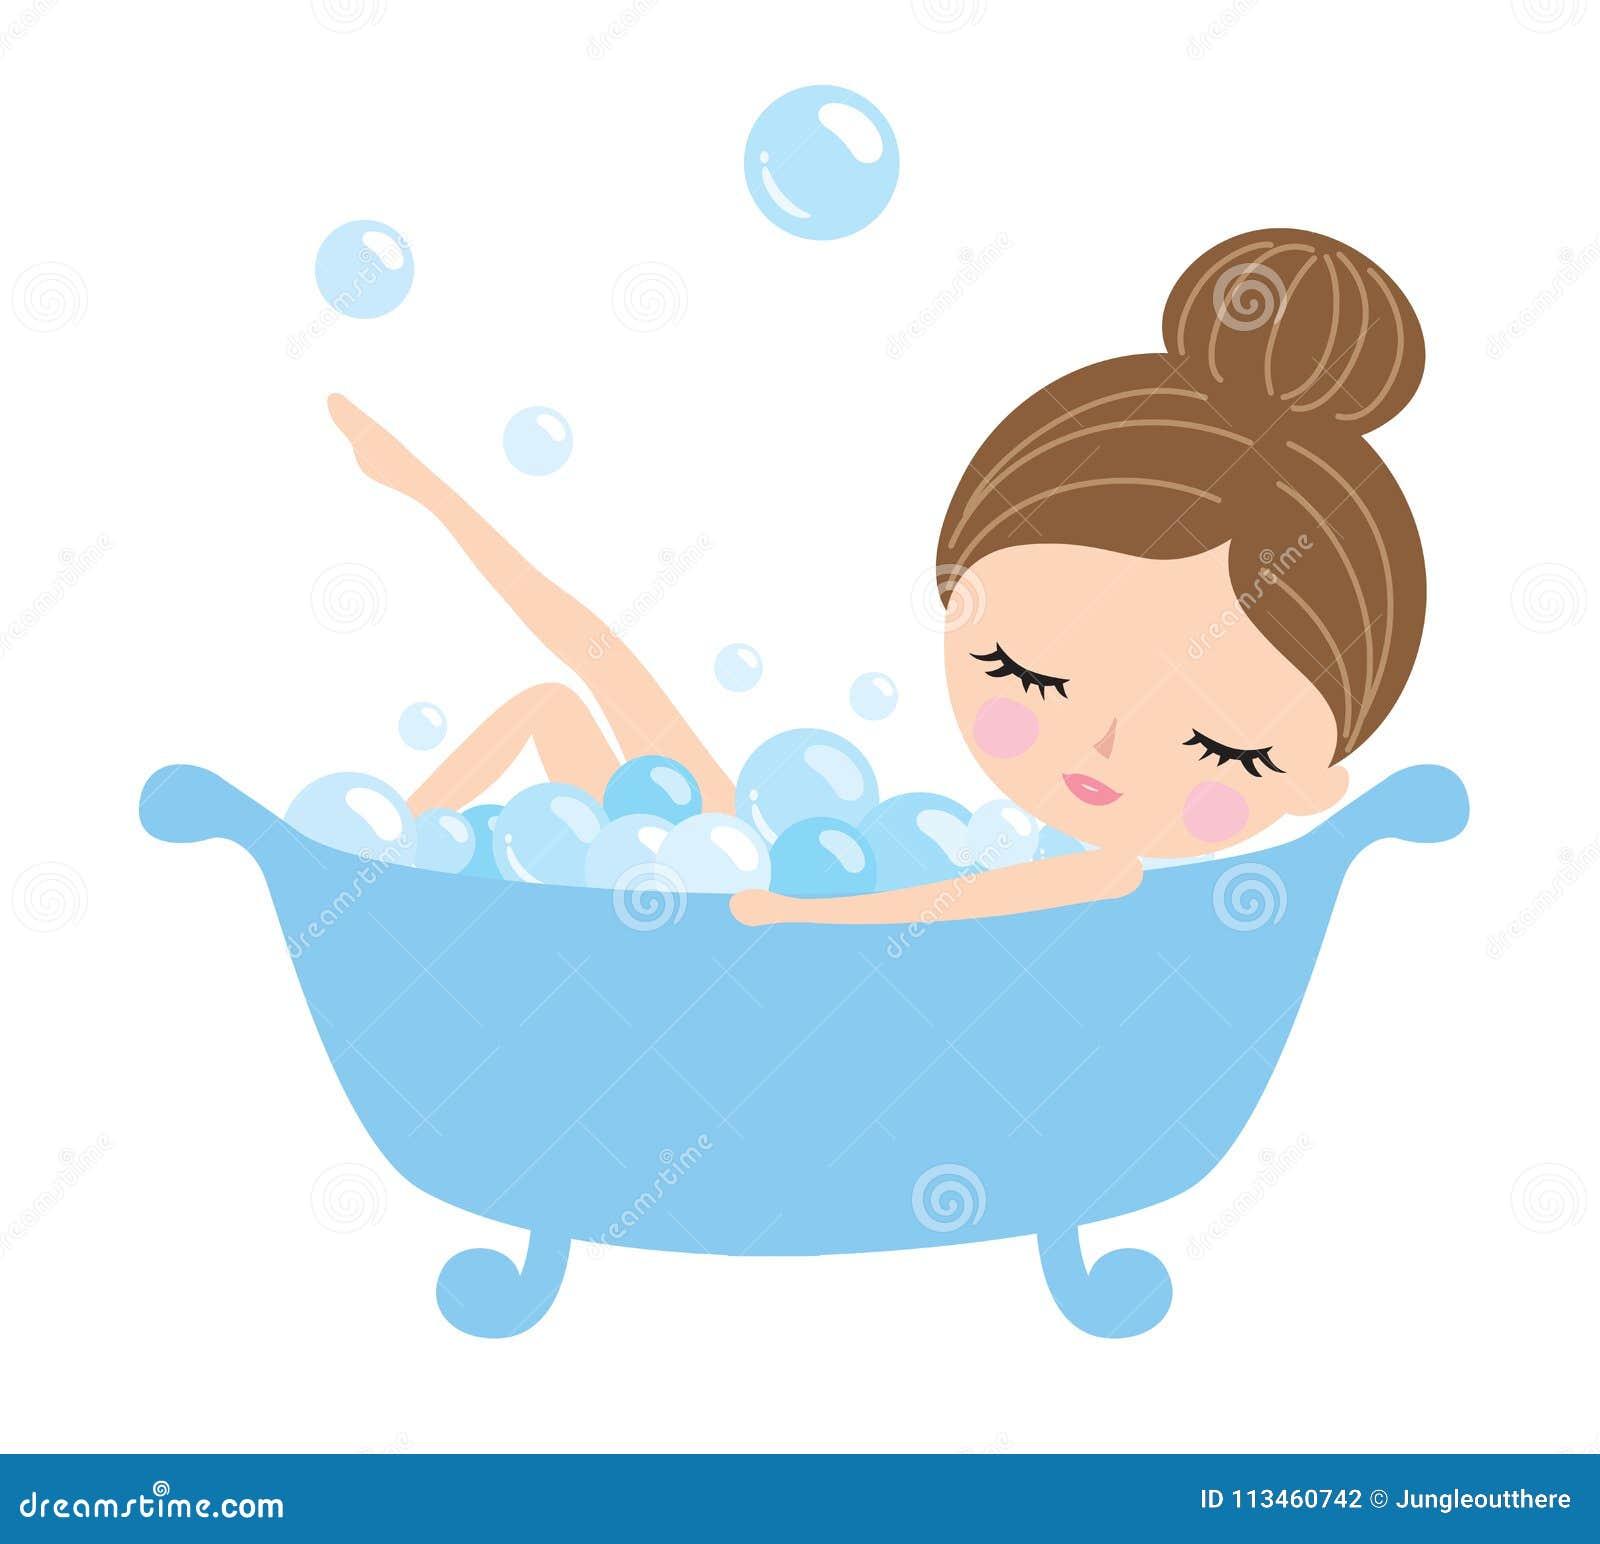 Junge Frau In Der Badewanne Vektor Abbildung Illustration Von